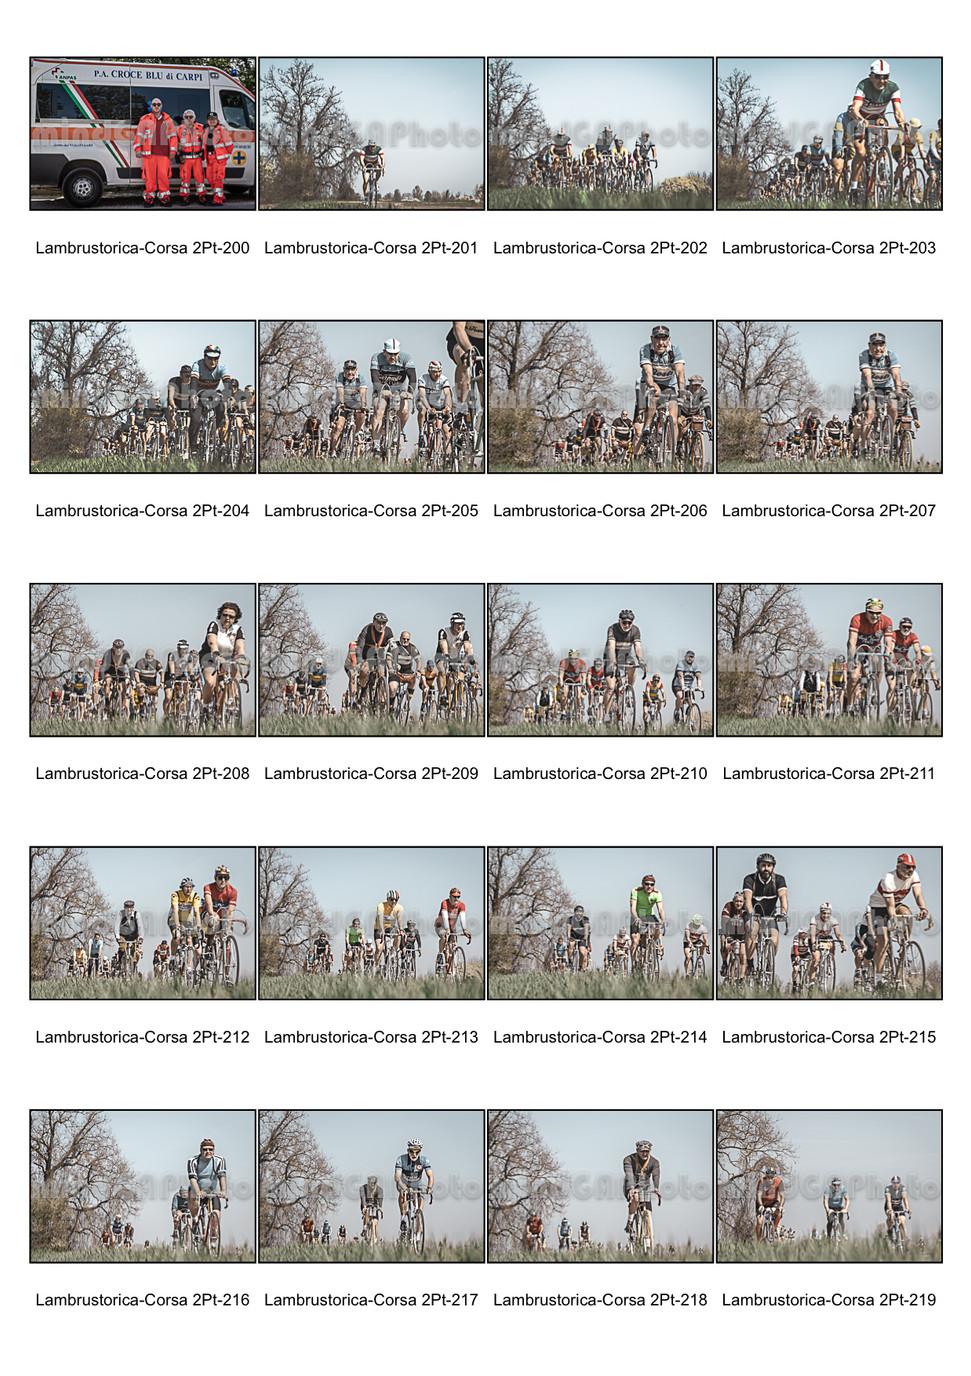 Lambrustorica Corsa 3pt-11.jpg